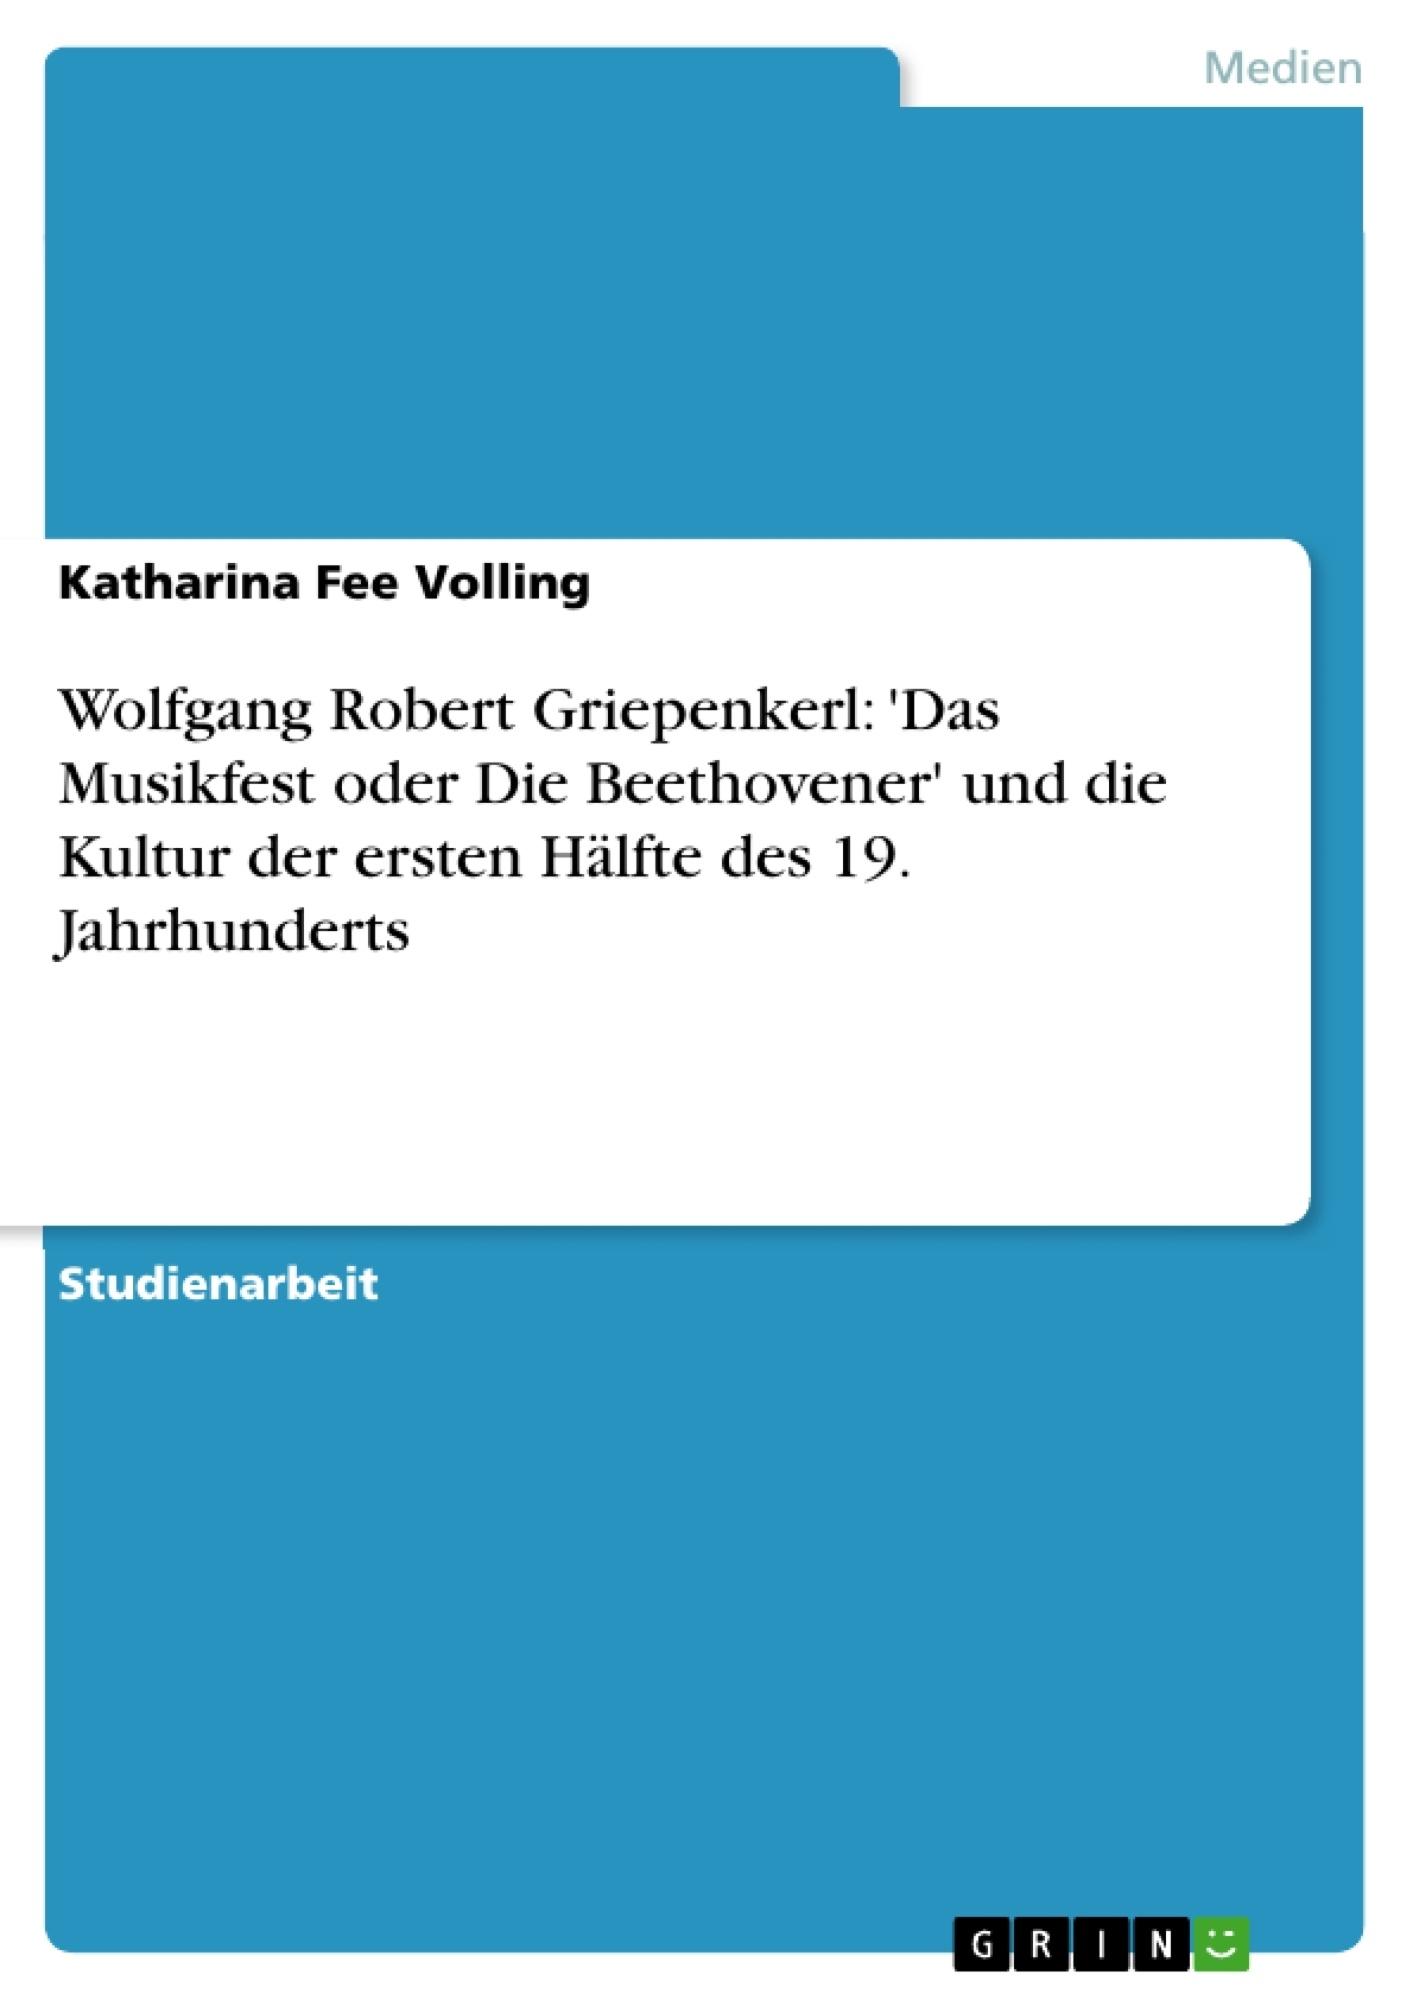 Titel: Wolfgang Robert Griepenkerl: 'Das Musikfest oder Die Beethovener' und die Kultur der ersten Hälfte des 19. Jahrhunderts